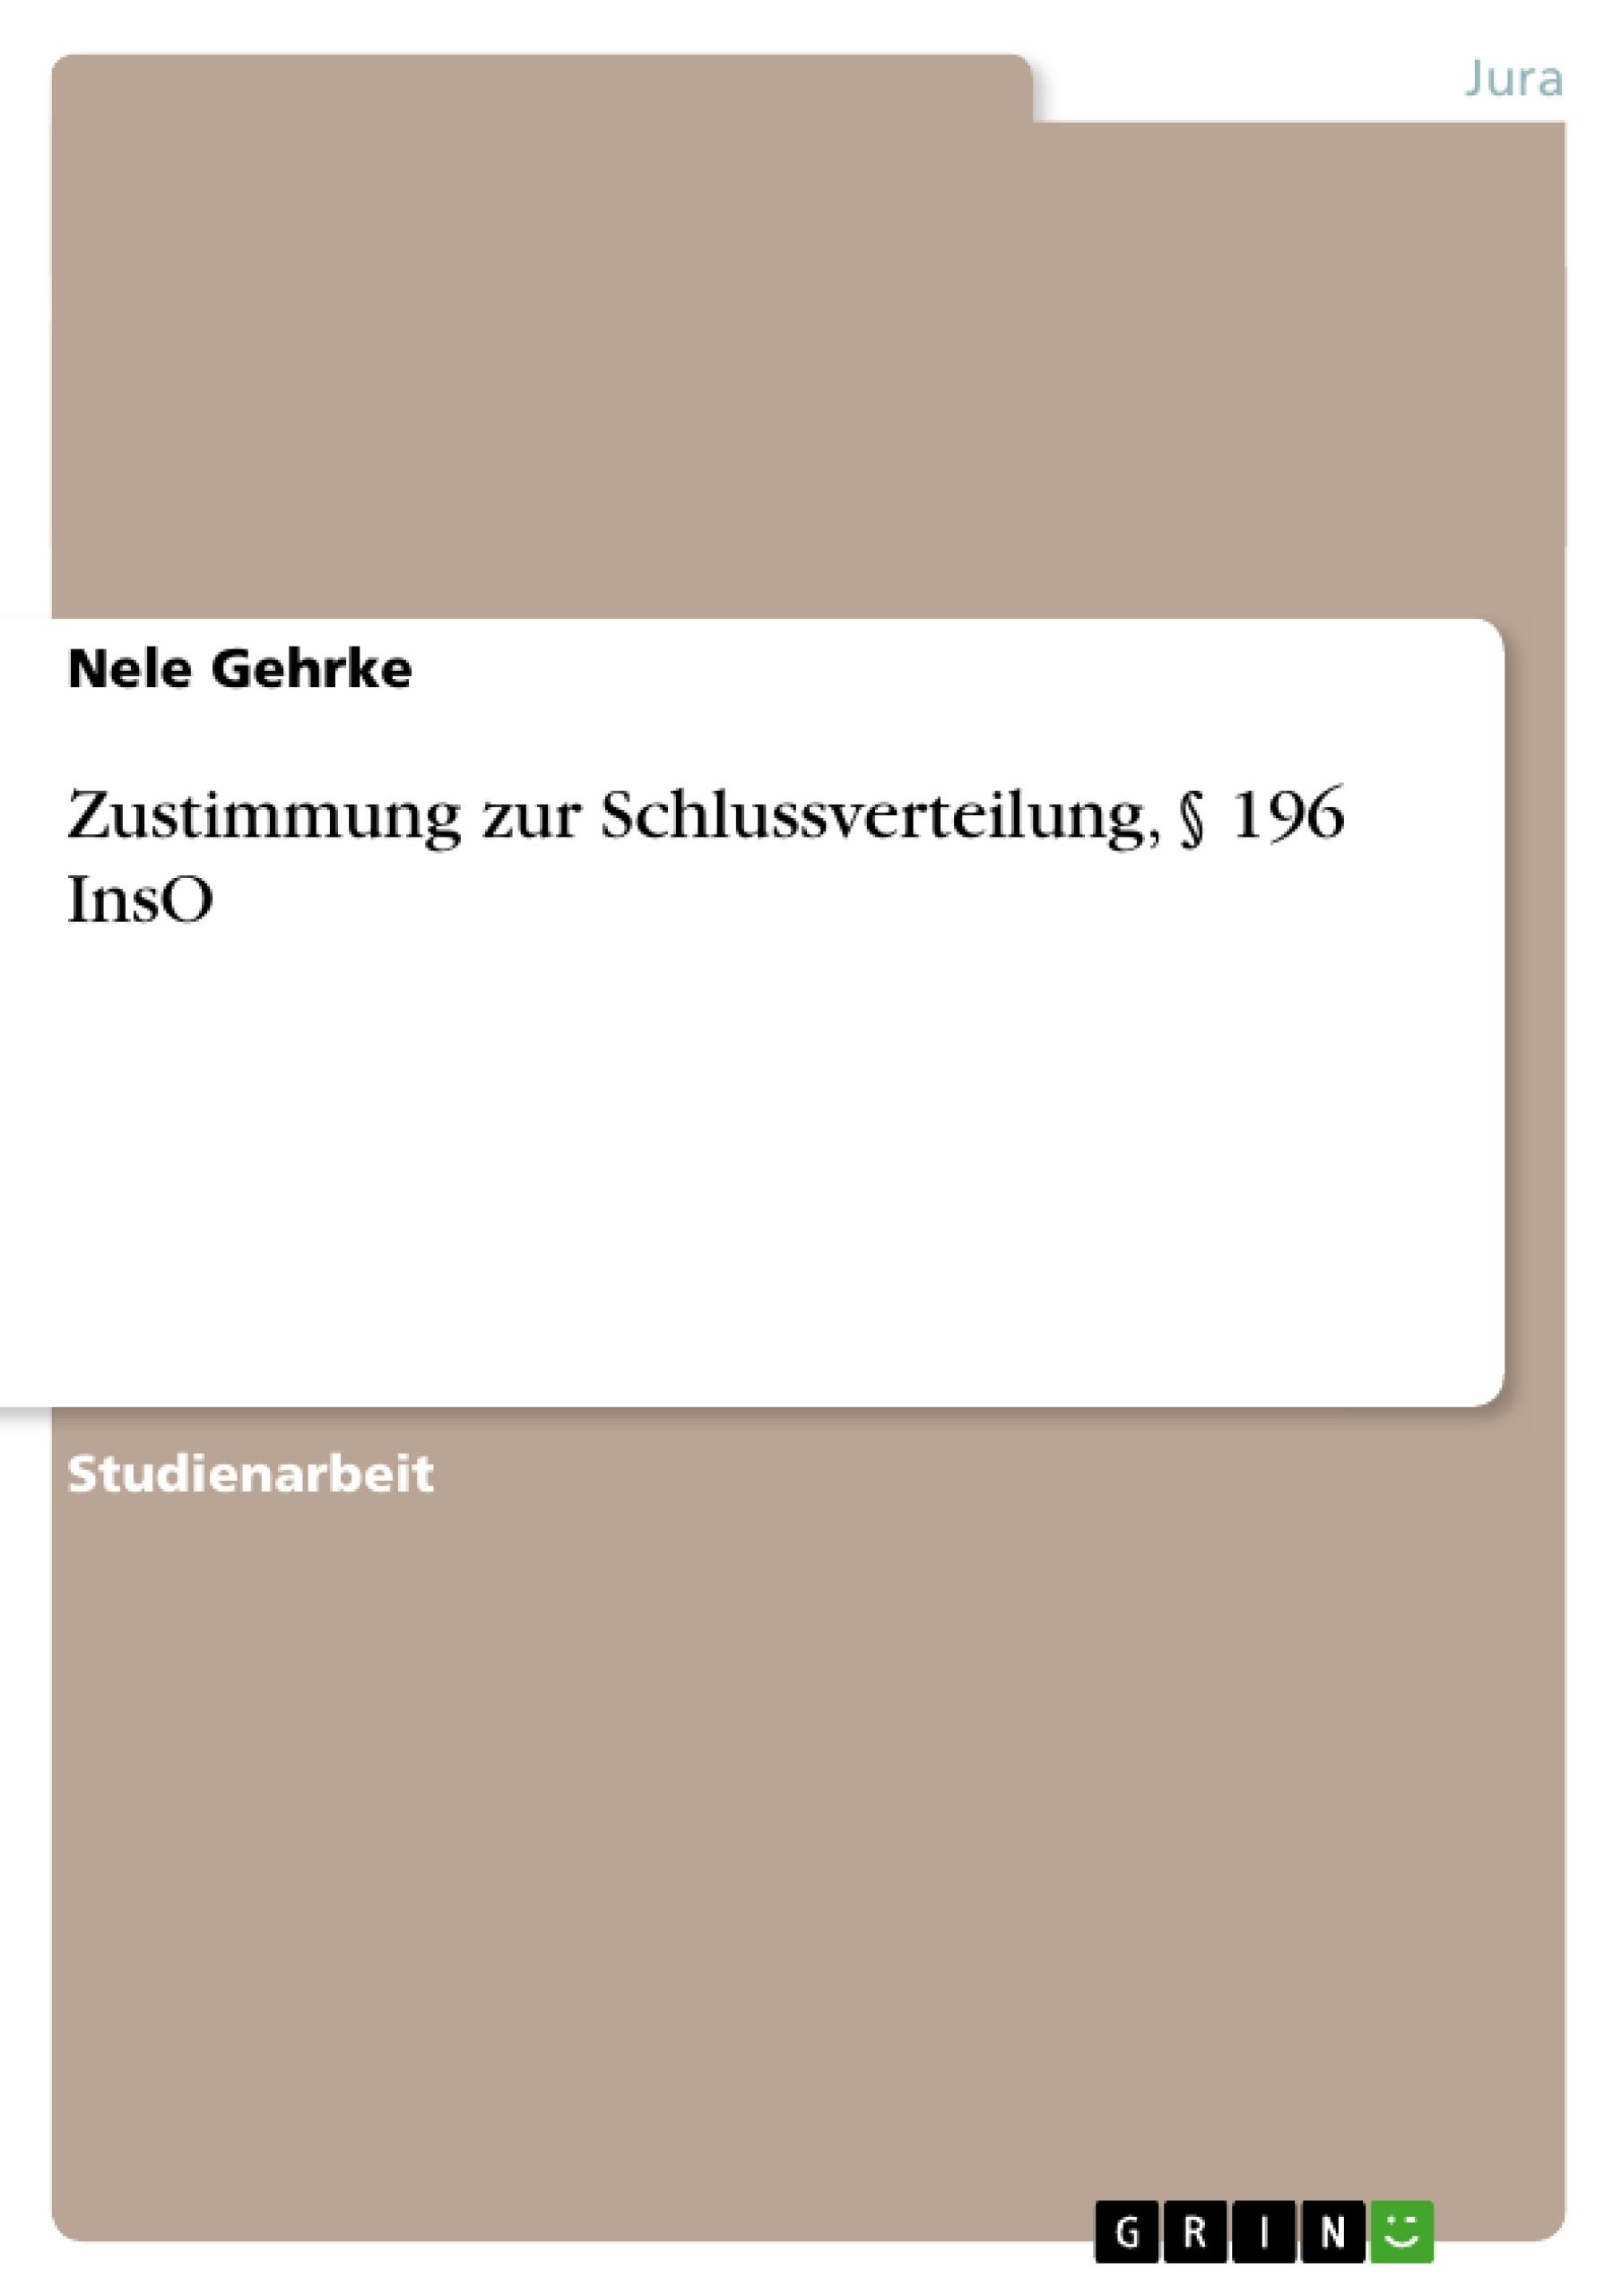 Titel: Zustimmung zur Schlussverteilung, § 196 InsO